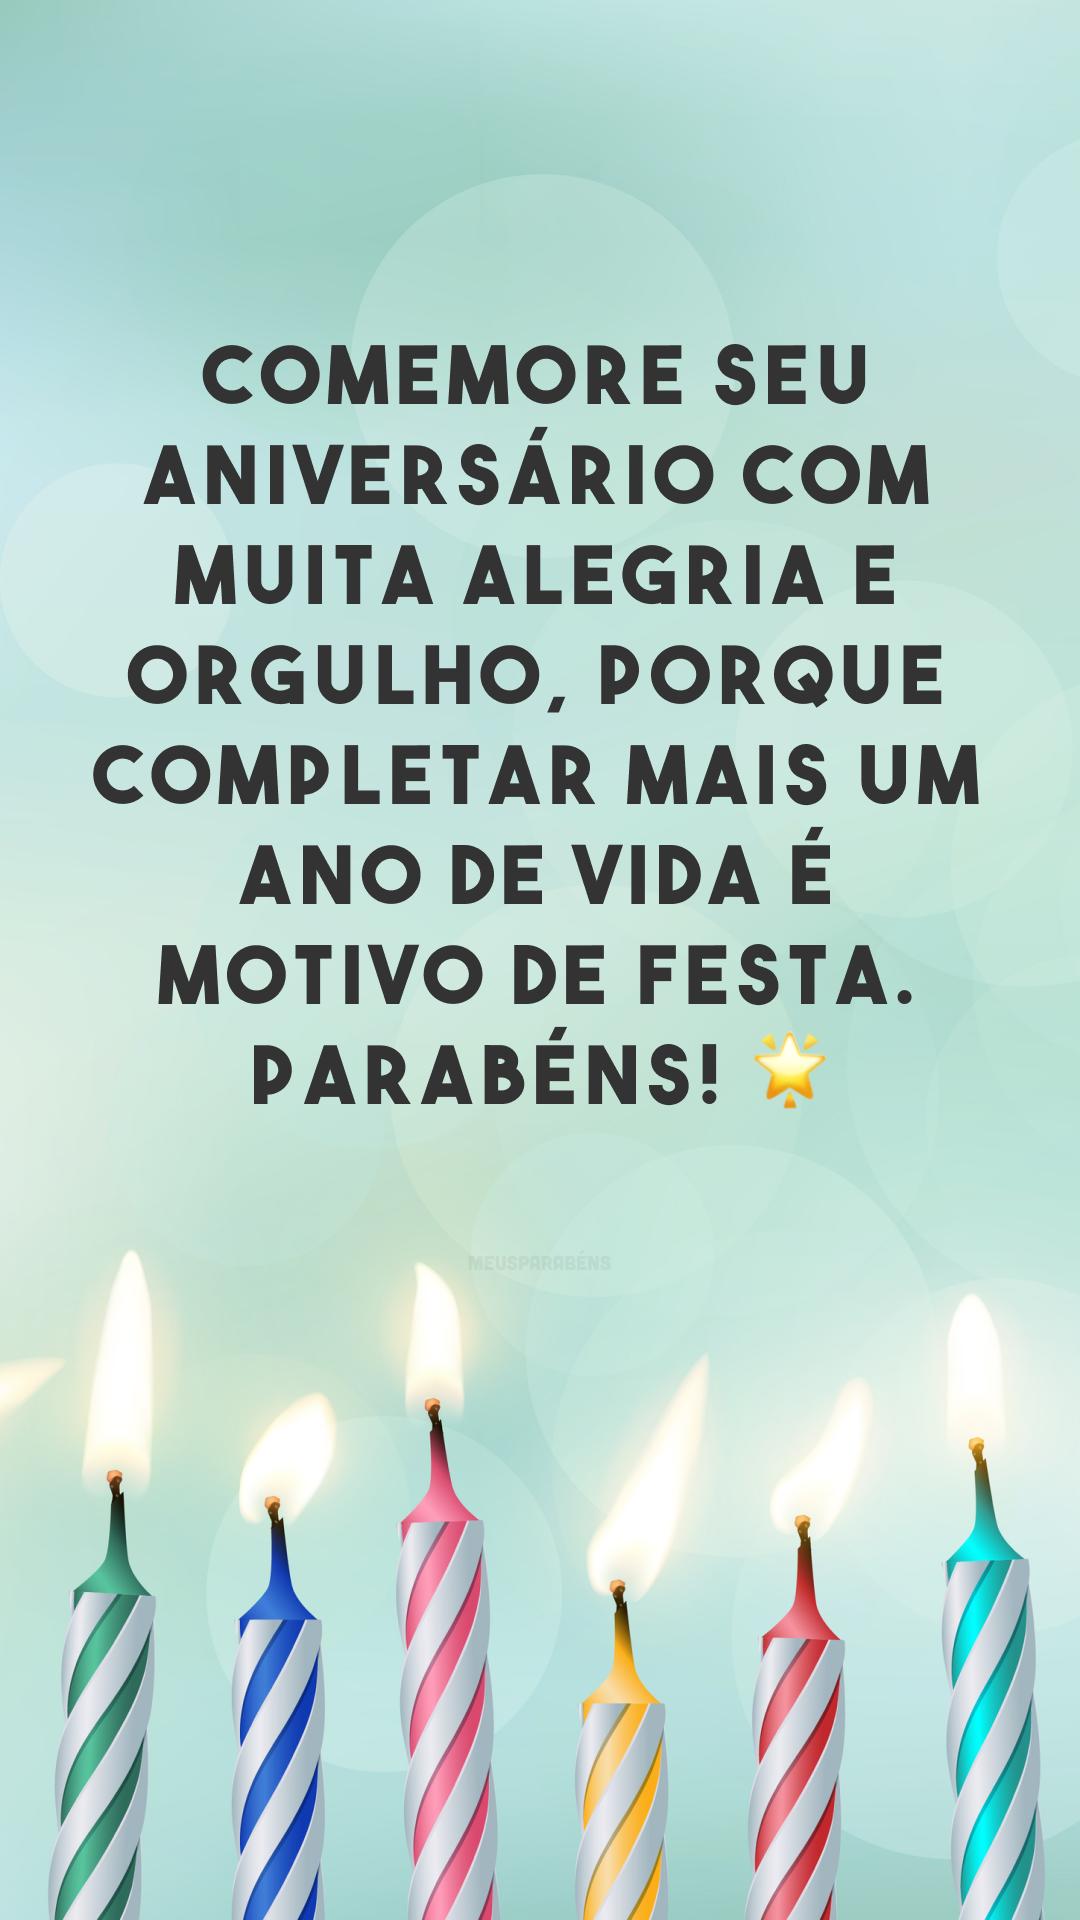 Comemore seu aniversário com muita alegria e orgulho, porque completar mais um ano de vida é motivo de festa. Parabéns! ?